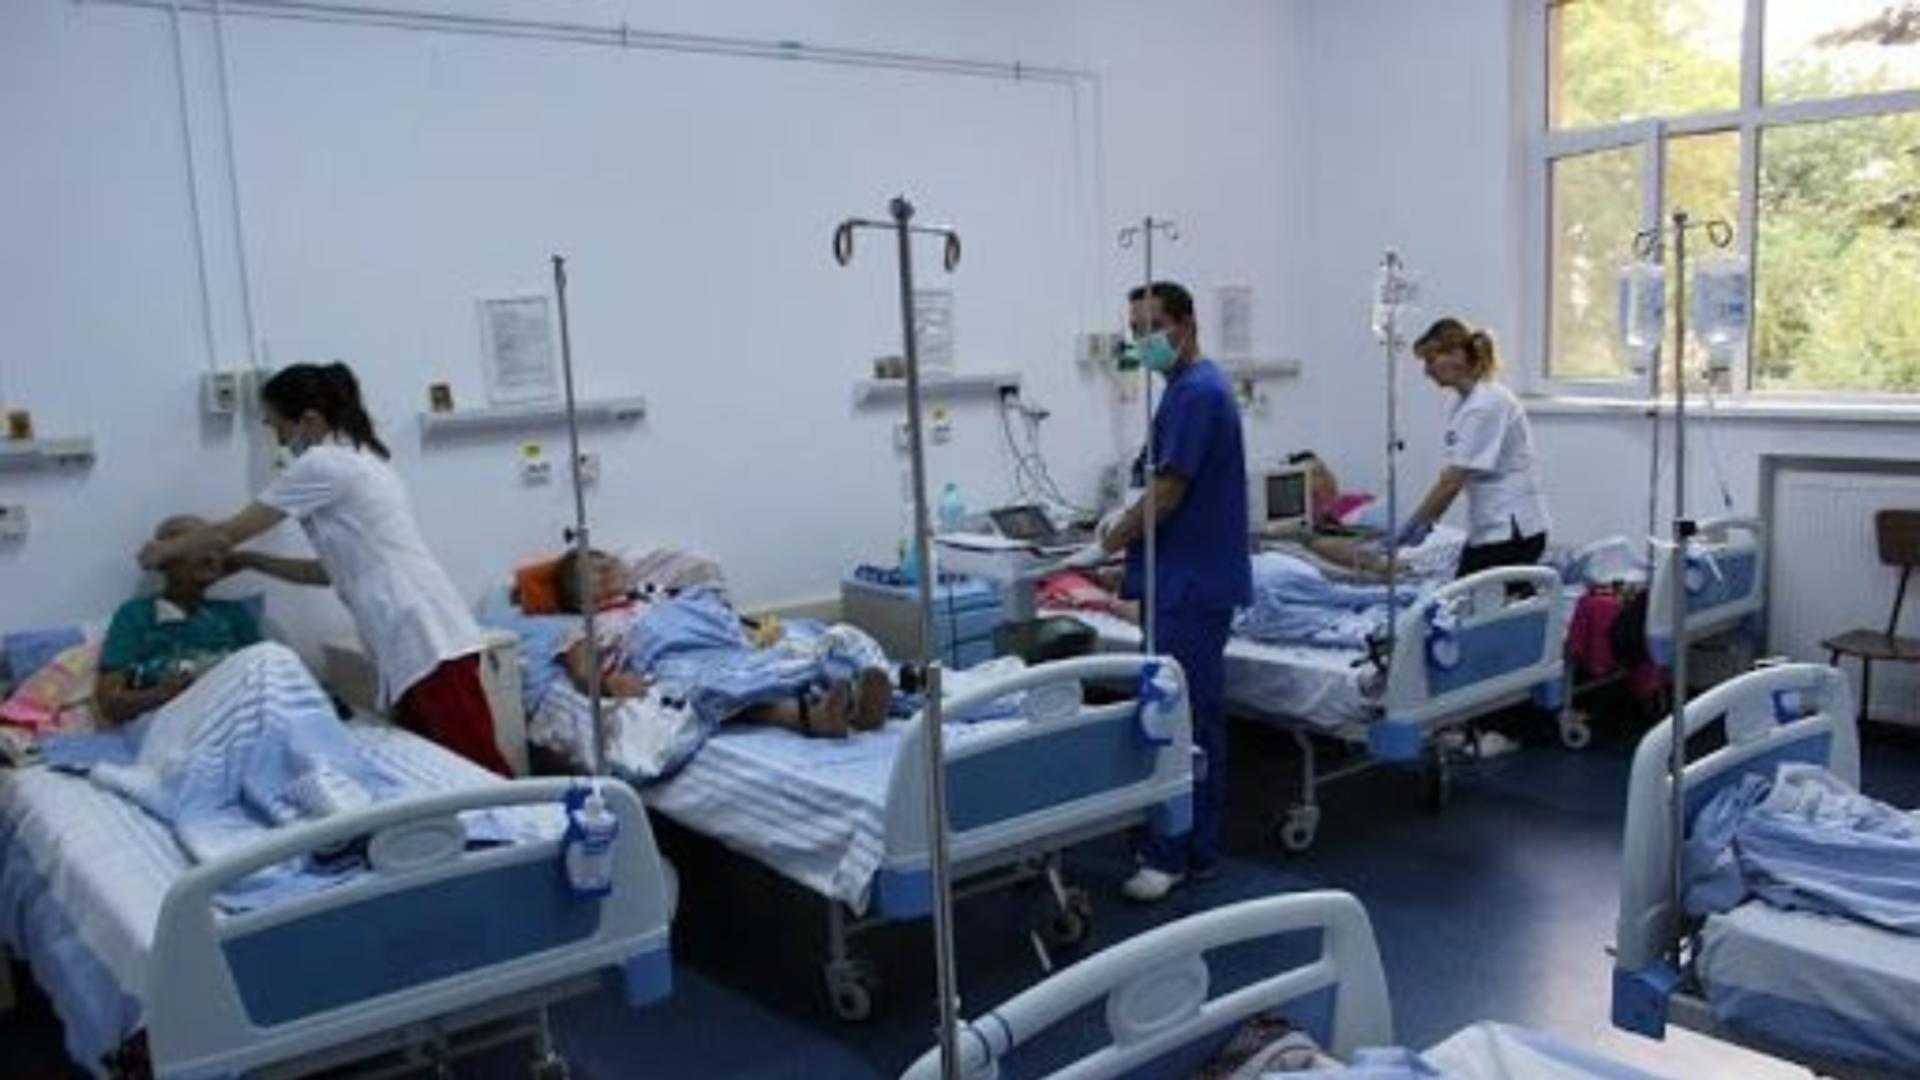 Alocația de hrană pentru pacienți în spital de 40 de lei pe zi, adoptată tacit de senatori